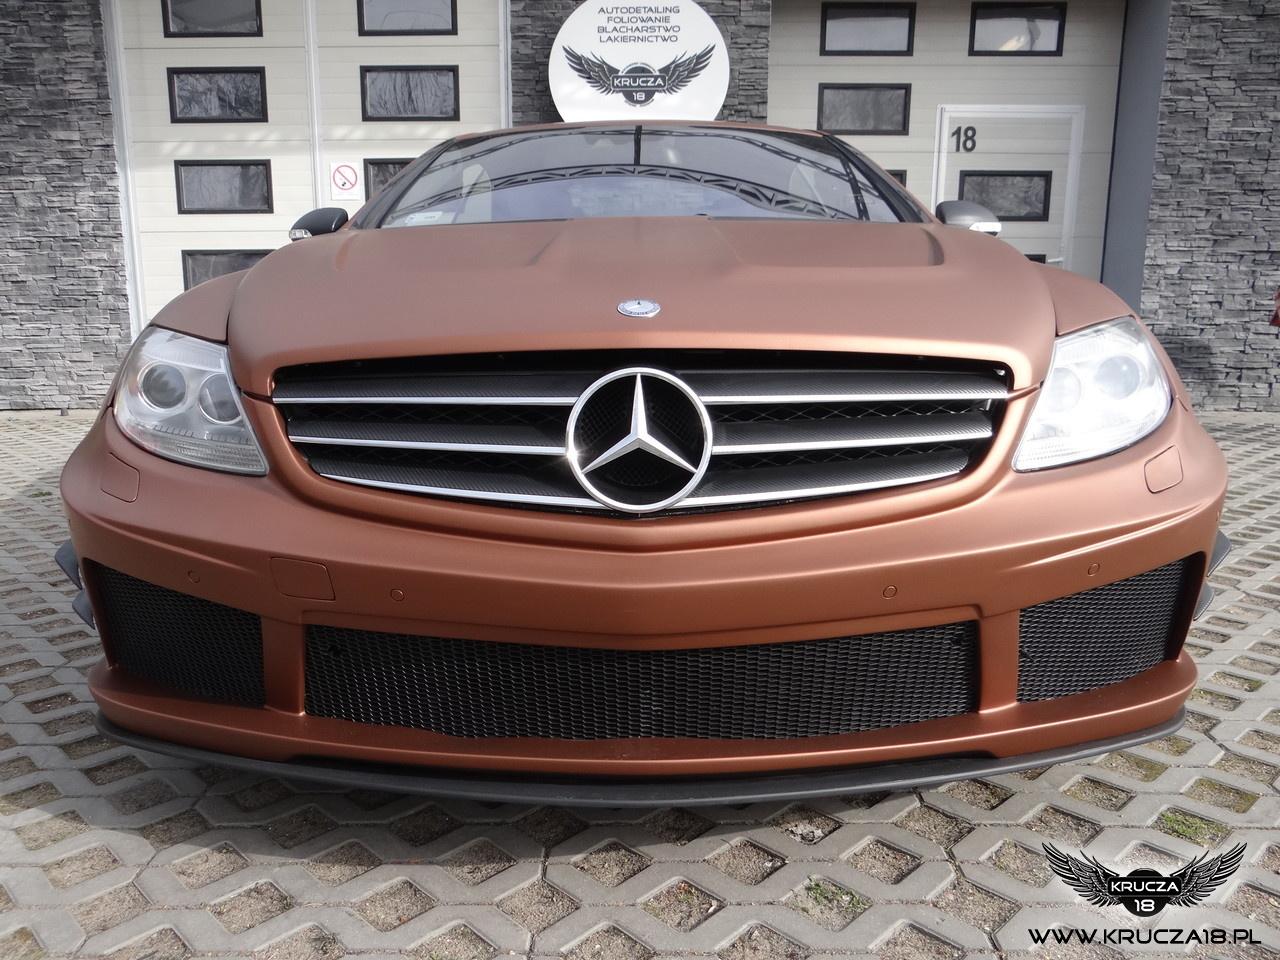 MERCEDES CL : zmiana koloru auta folią : aztec bronze : Krucza18 : Osielsko/k.Bydgoszczy